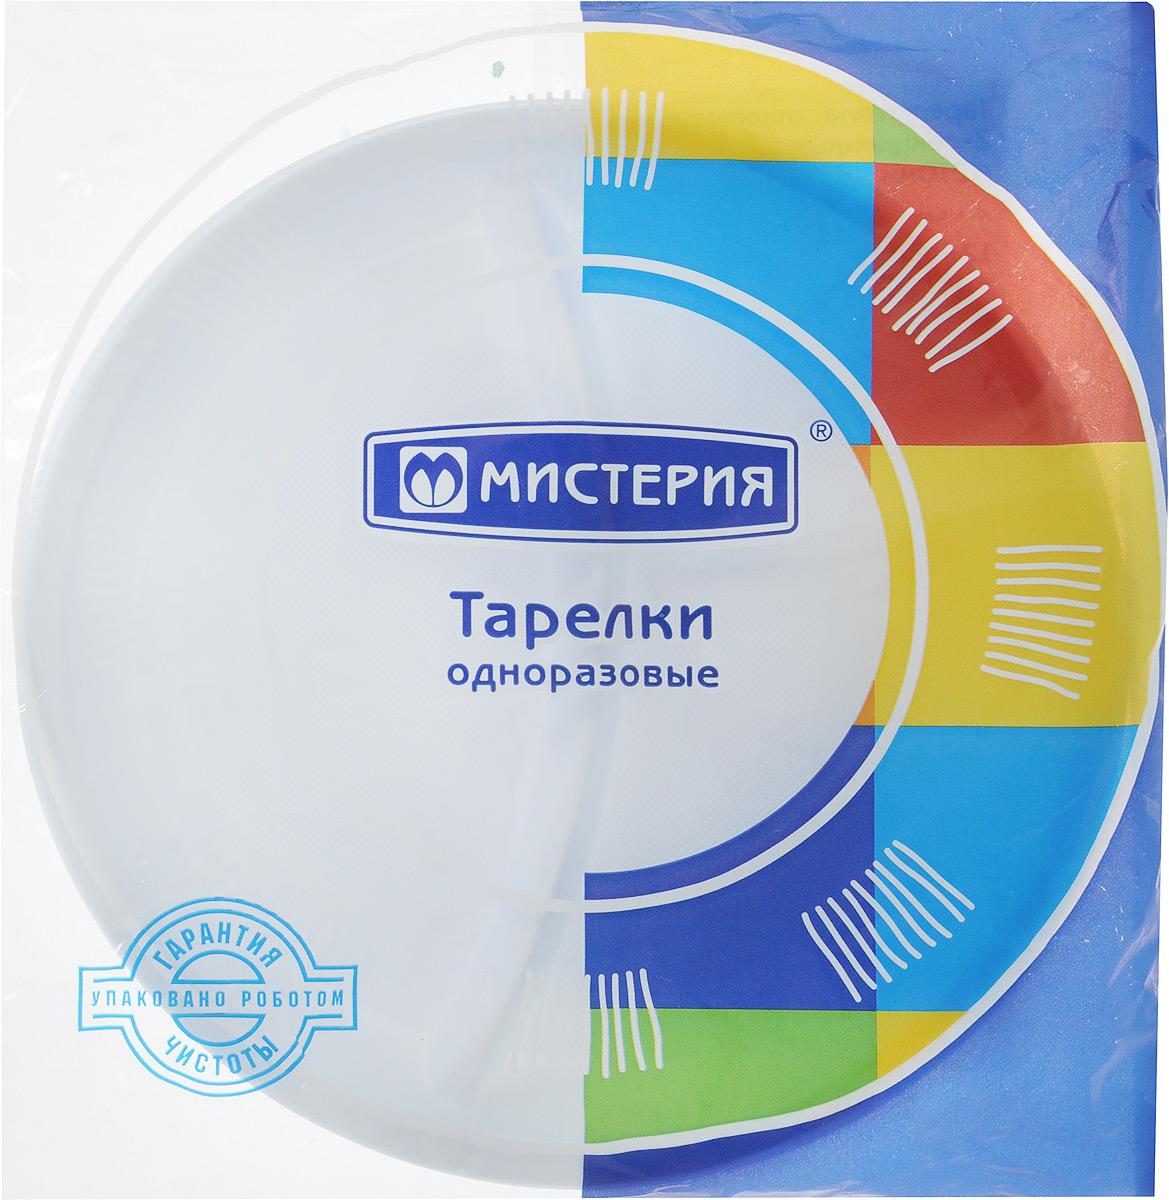 Тарелка одноразовая Мистерия, 2 секции, диаметр 21 см, 12 шт183405Набор Мистерия состоит из 12 круглых тарелок, выполненных из полистирола и предназначенных для одноразового использования. Такие тарелки подходят для пищевых продуктов и имеют 2 секции. Одноразовые тарелки будут незаменимы при поездках на природу, пикниках и других мероприятиях. Они не займут много места, легки и самое главное - после использования их не надо мыть.Диаметр тарелки: 21 см.Высота тарелки: 1,5 см.